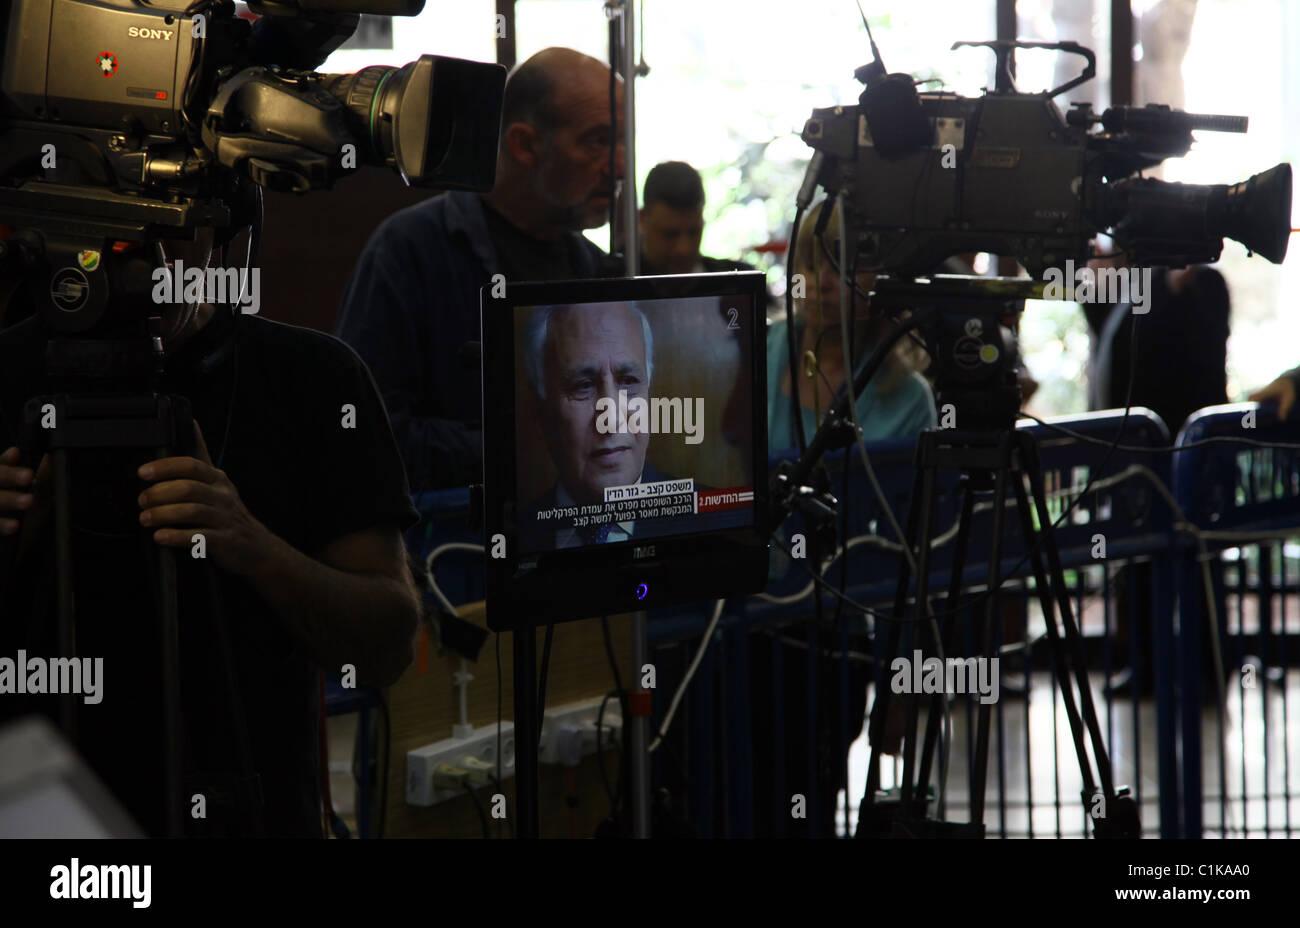 Former Israeli President Moshe Katsav is seen on a monitor as he arrives at a court in Tel Aviv Israel - Stock Image